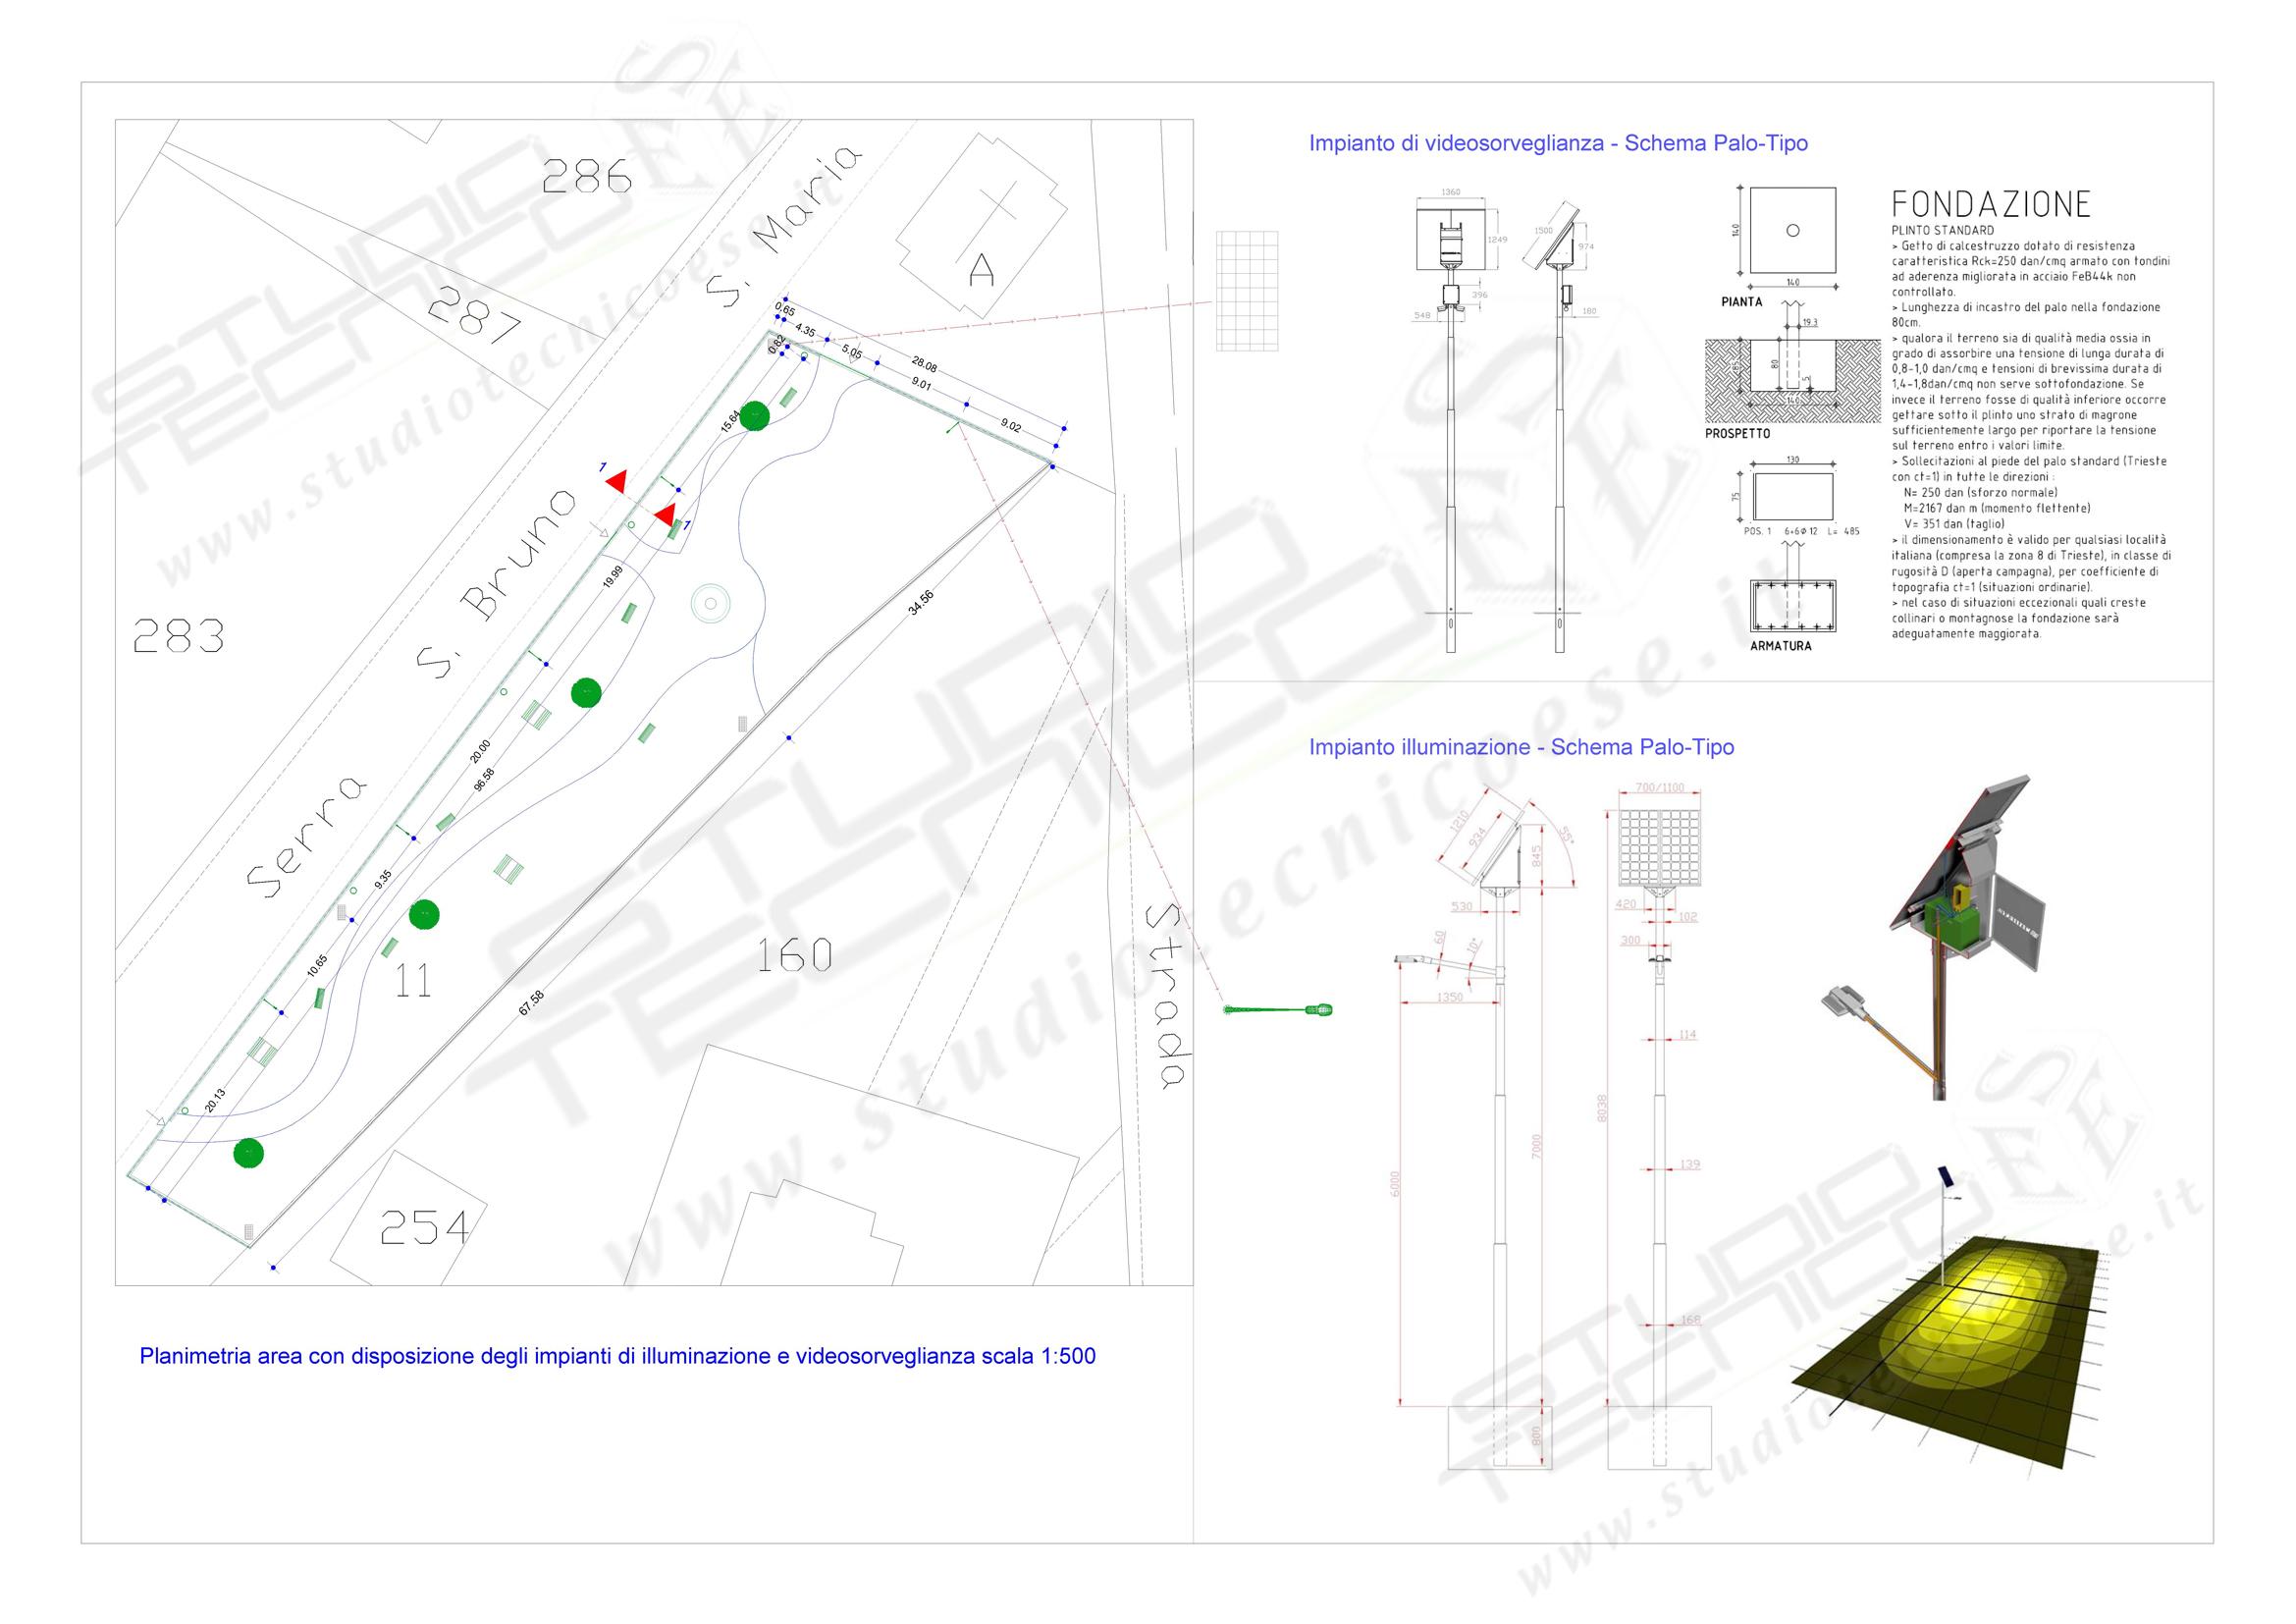 planimetria-area-con-disposizione-degli-impianti-di-illuminazione-e-videosorveglianza